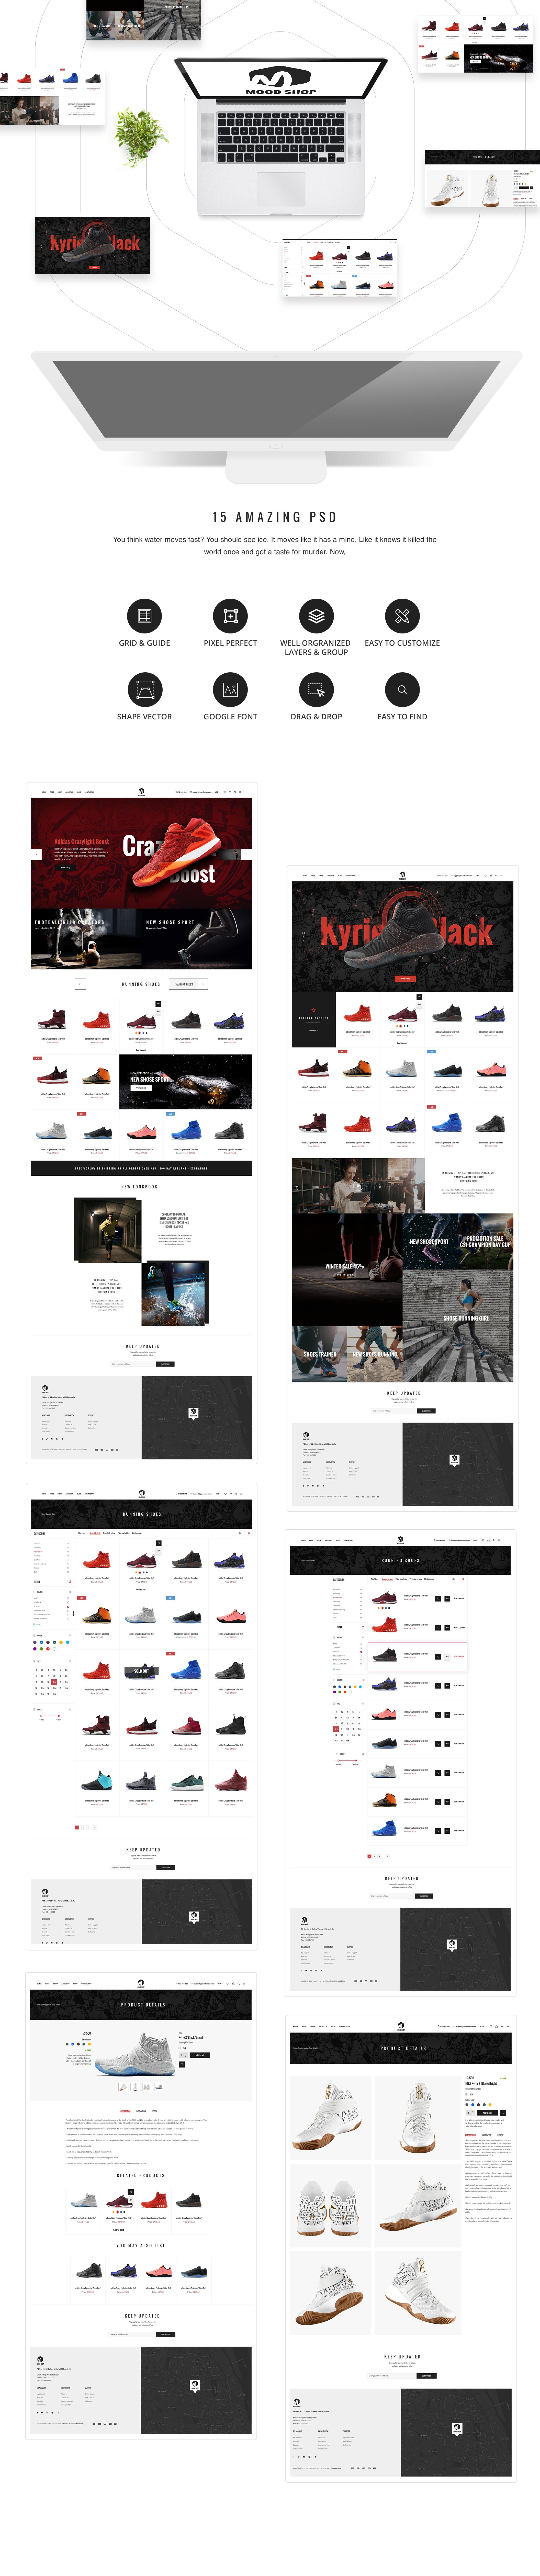 超级时尚的MoodShop电商购物网站模板 psd素材下载